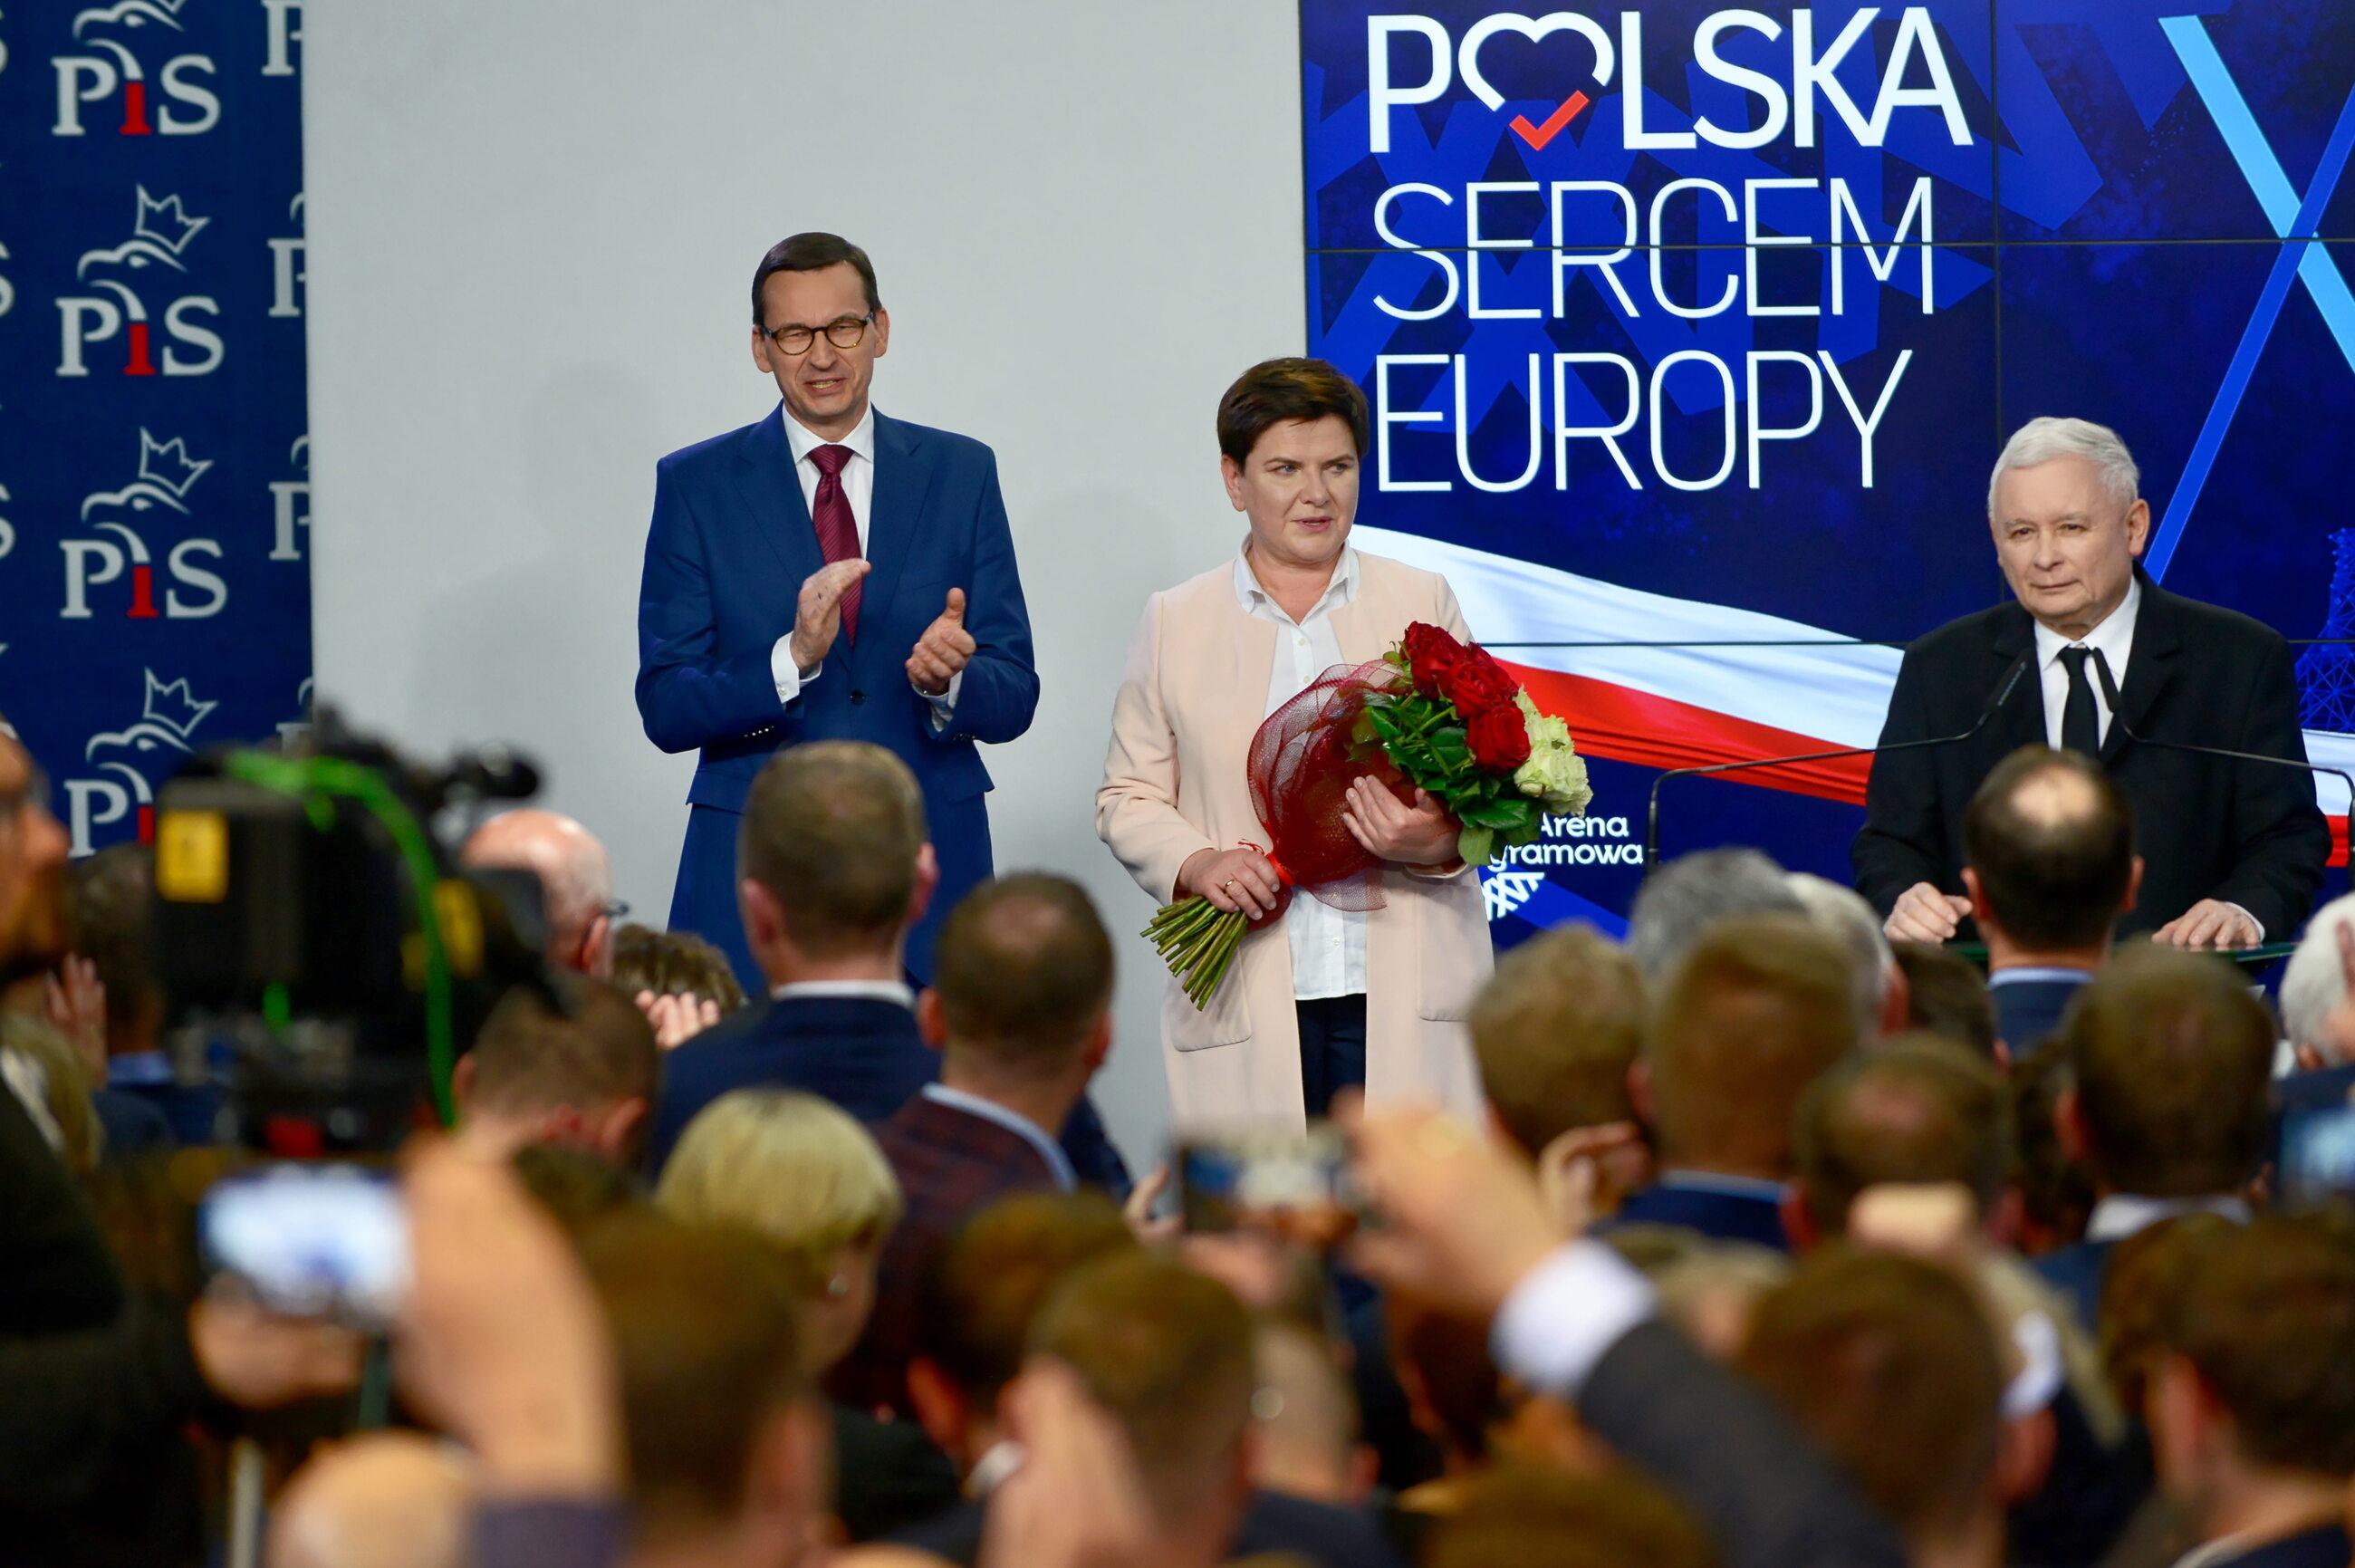 Premier Mateusz Morawiecki, wicepremier Beata Szydło i Jarosław Kaczyński